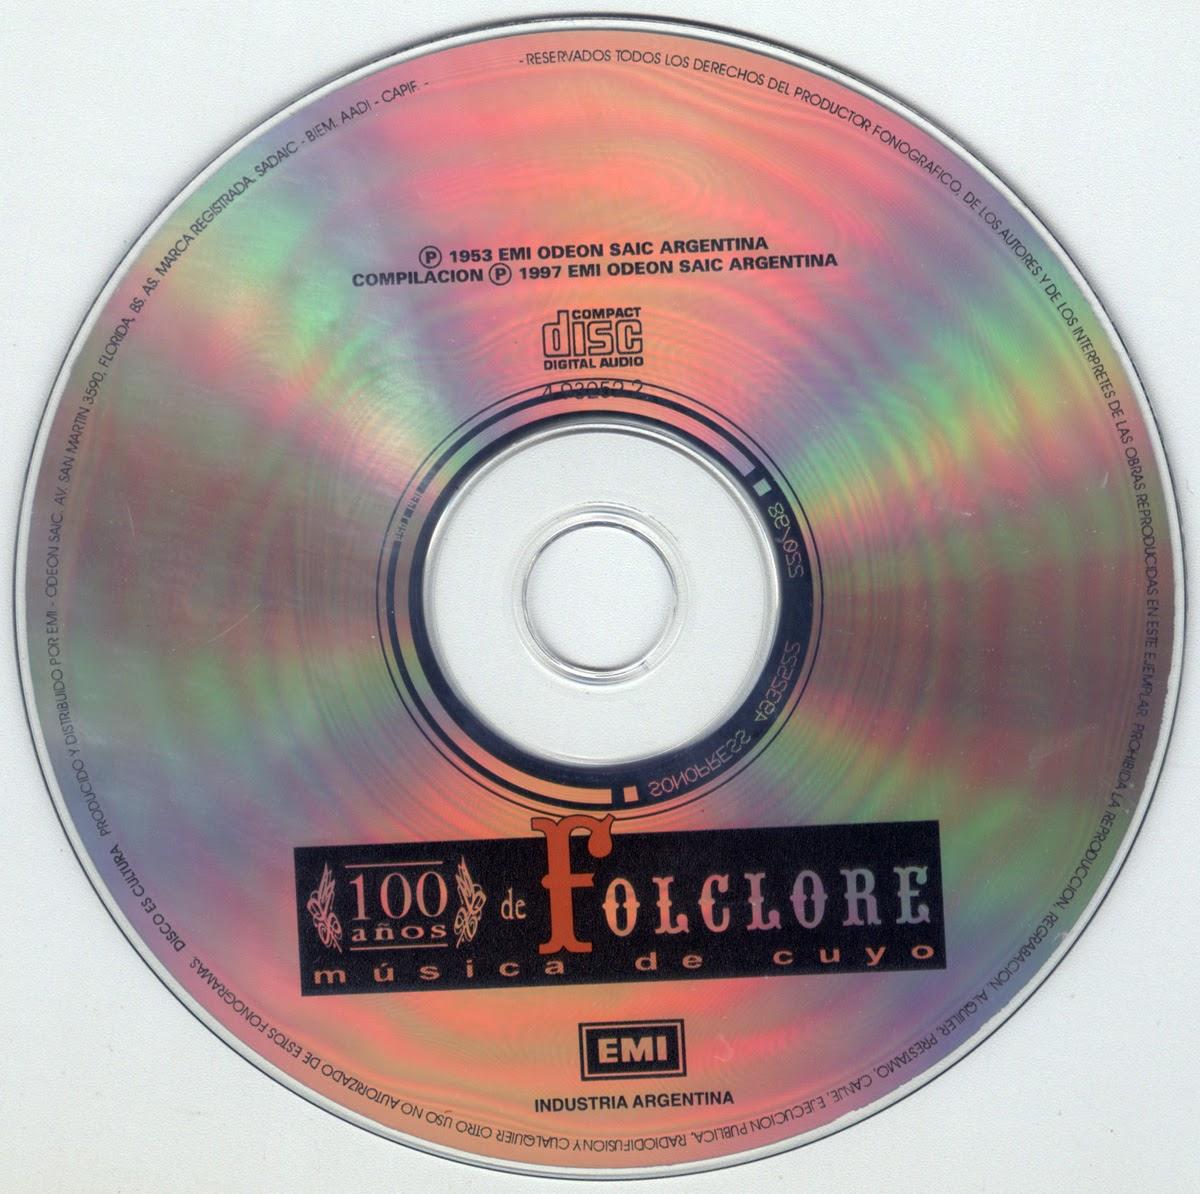 100 años de folklore musica de cuyo imagen de disco